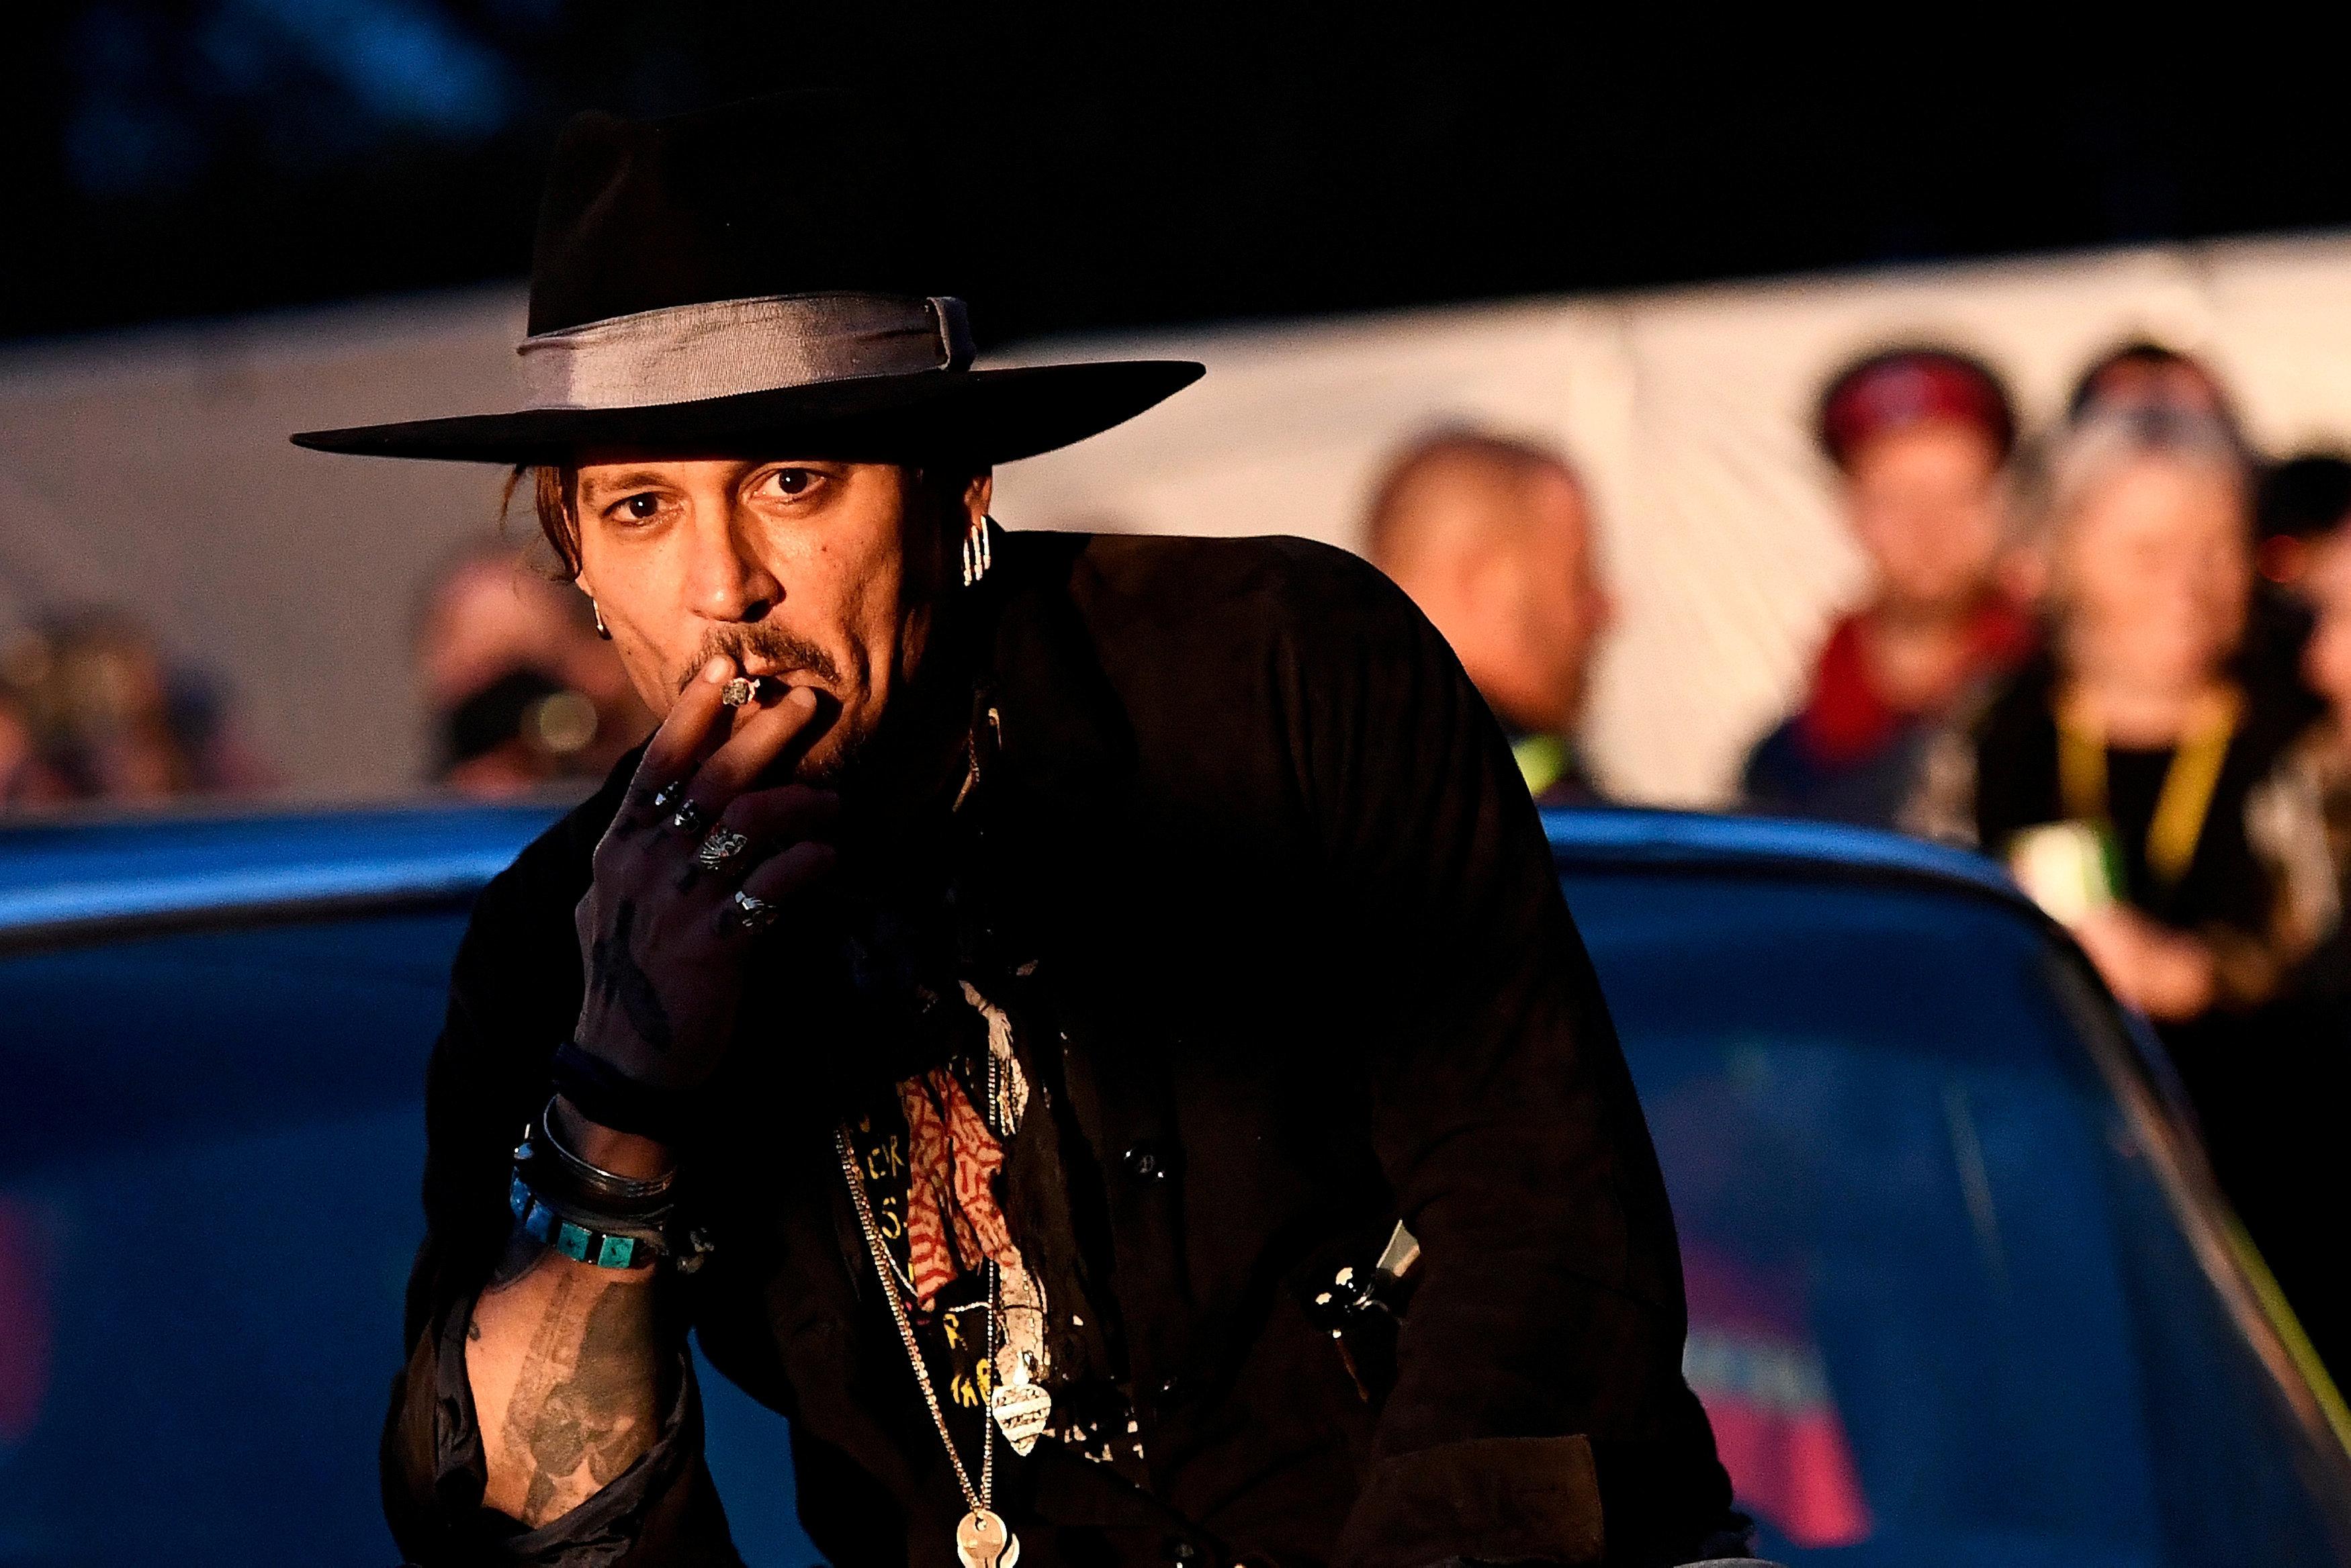 Η οικονομική κατρακύλα του Johnny Depp. Ξόδευε 2εκατ $ το μήνα (και 30.000 μόνο για